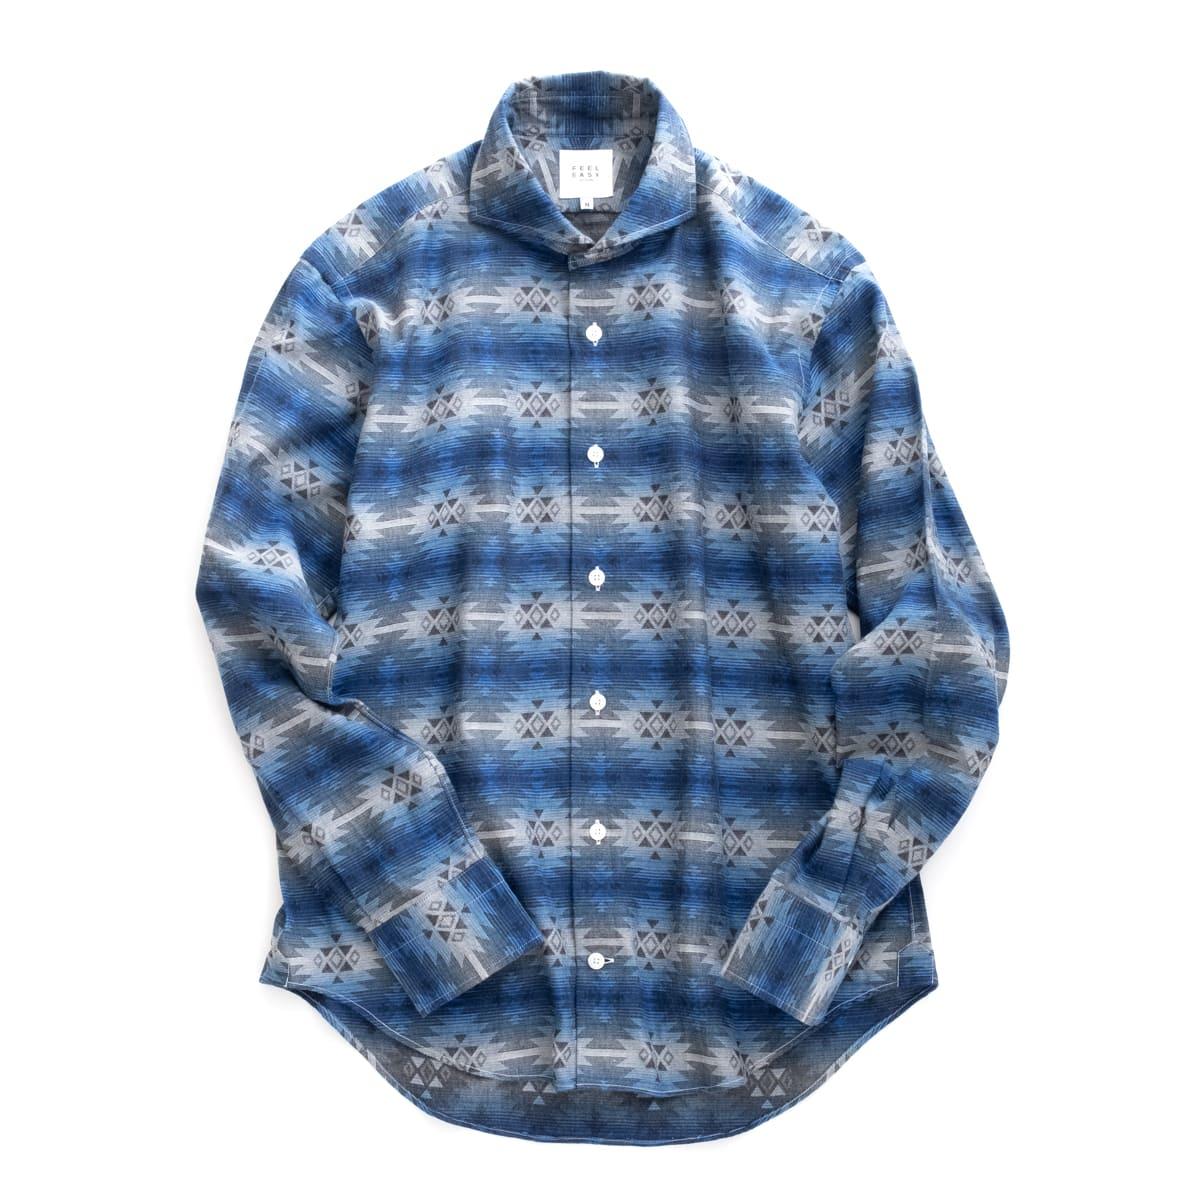 トップス, カジュアルシャツ FEEL EASY ORIGINAL TRIVAL JACQUARD SHIRT (Blue) FE-SH-7116